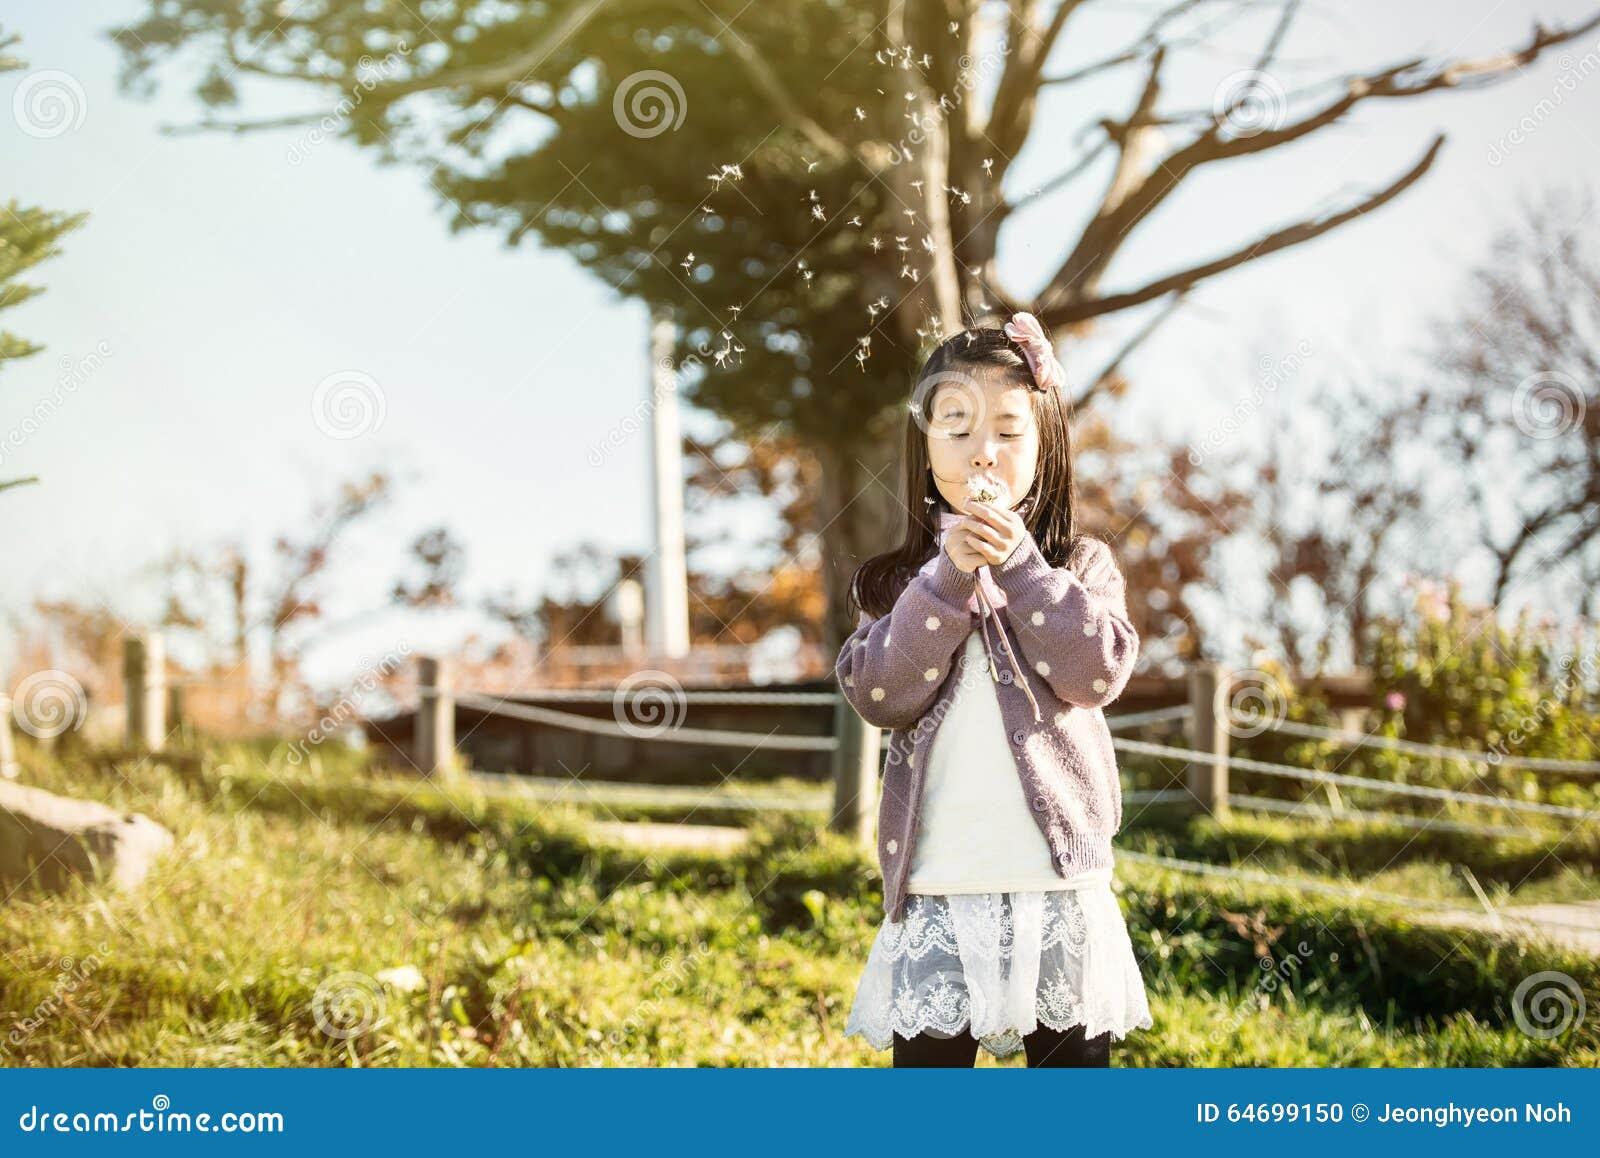 Dziecko dmucha dandelion w parku